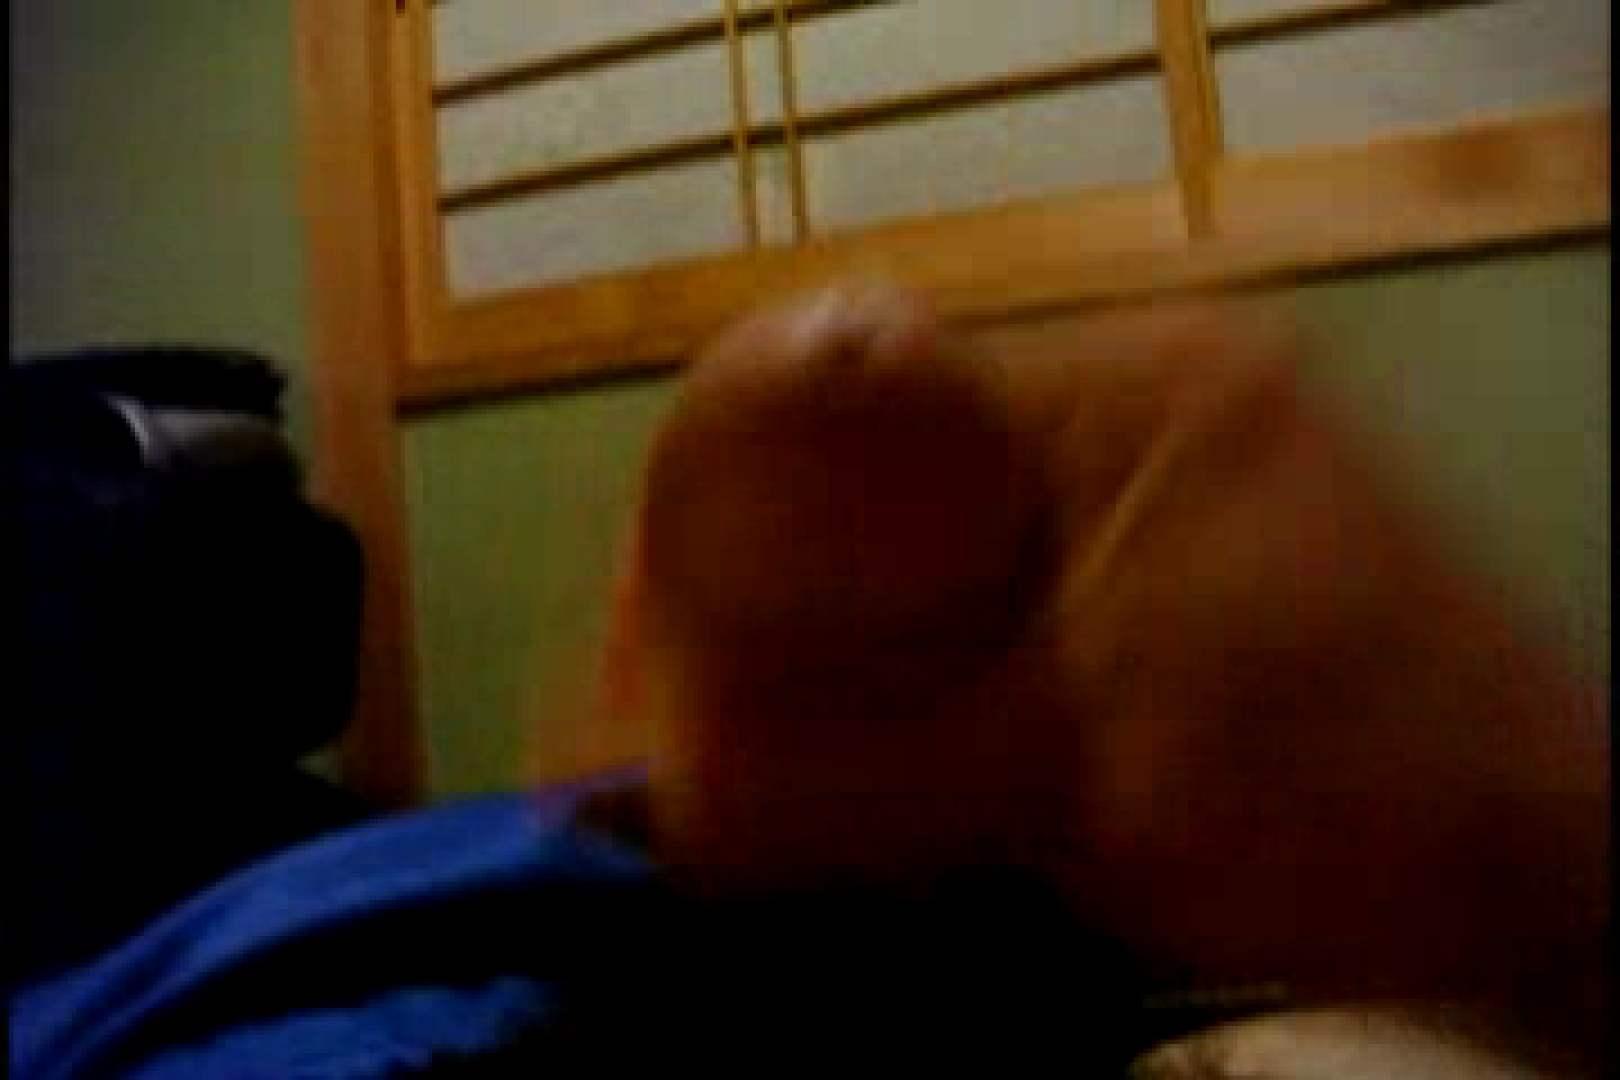 オナ好きノンケテニス部員の自画撮り投稿vol.02 流出  104pic 30